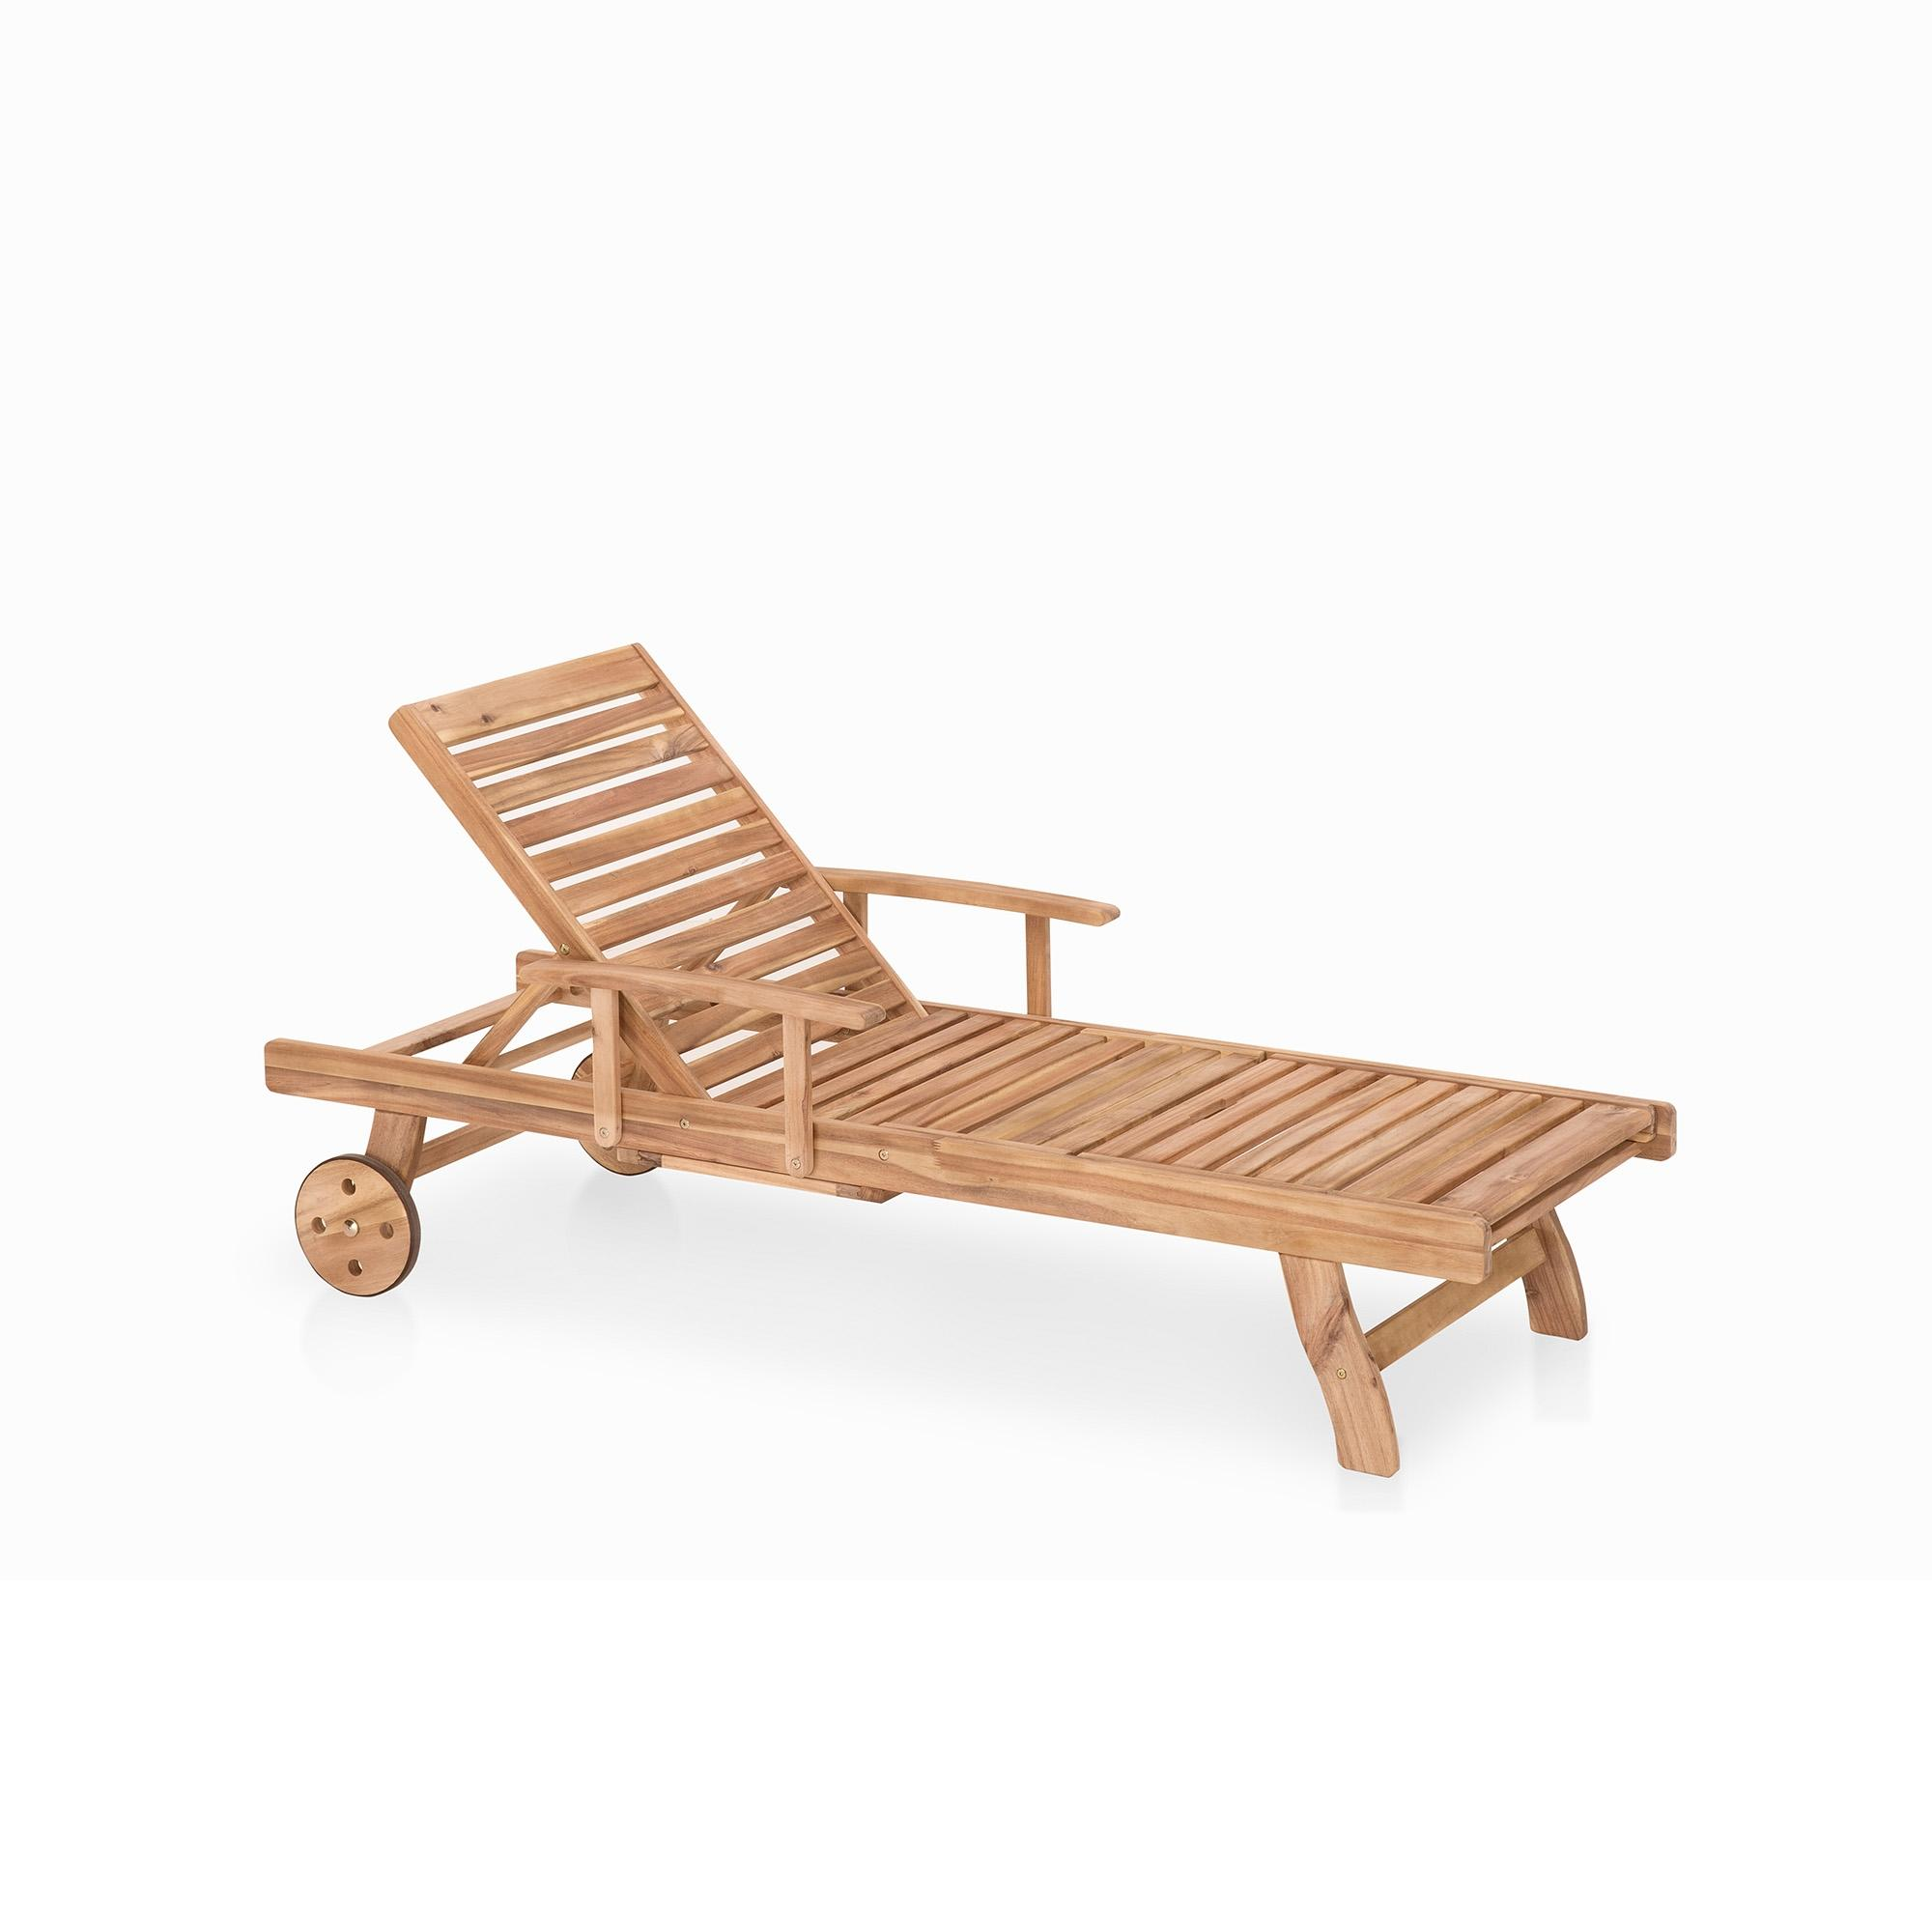 Meubles en bois teck chaise longue de jardin beliani - Chaise longue teck pas cher ...